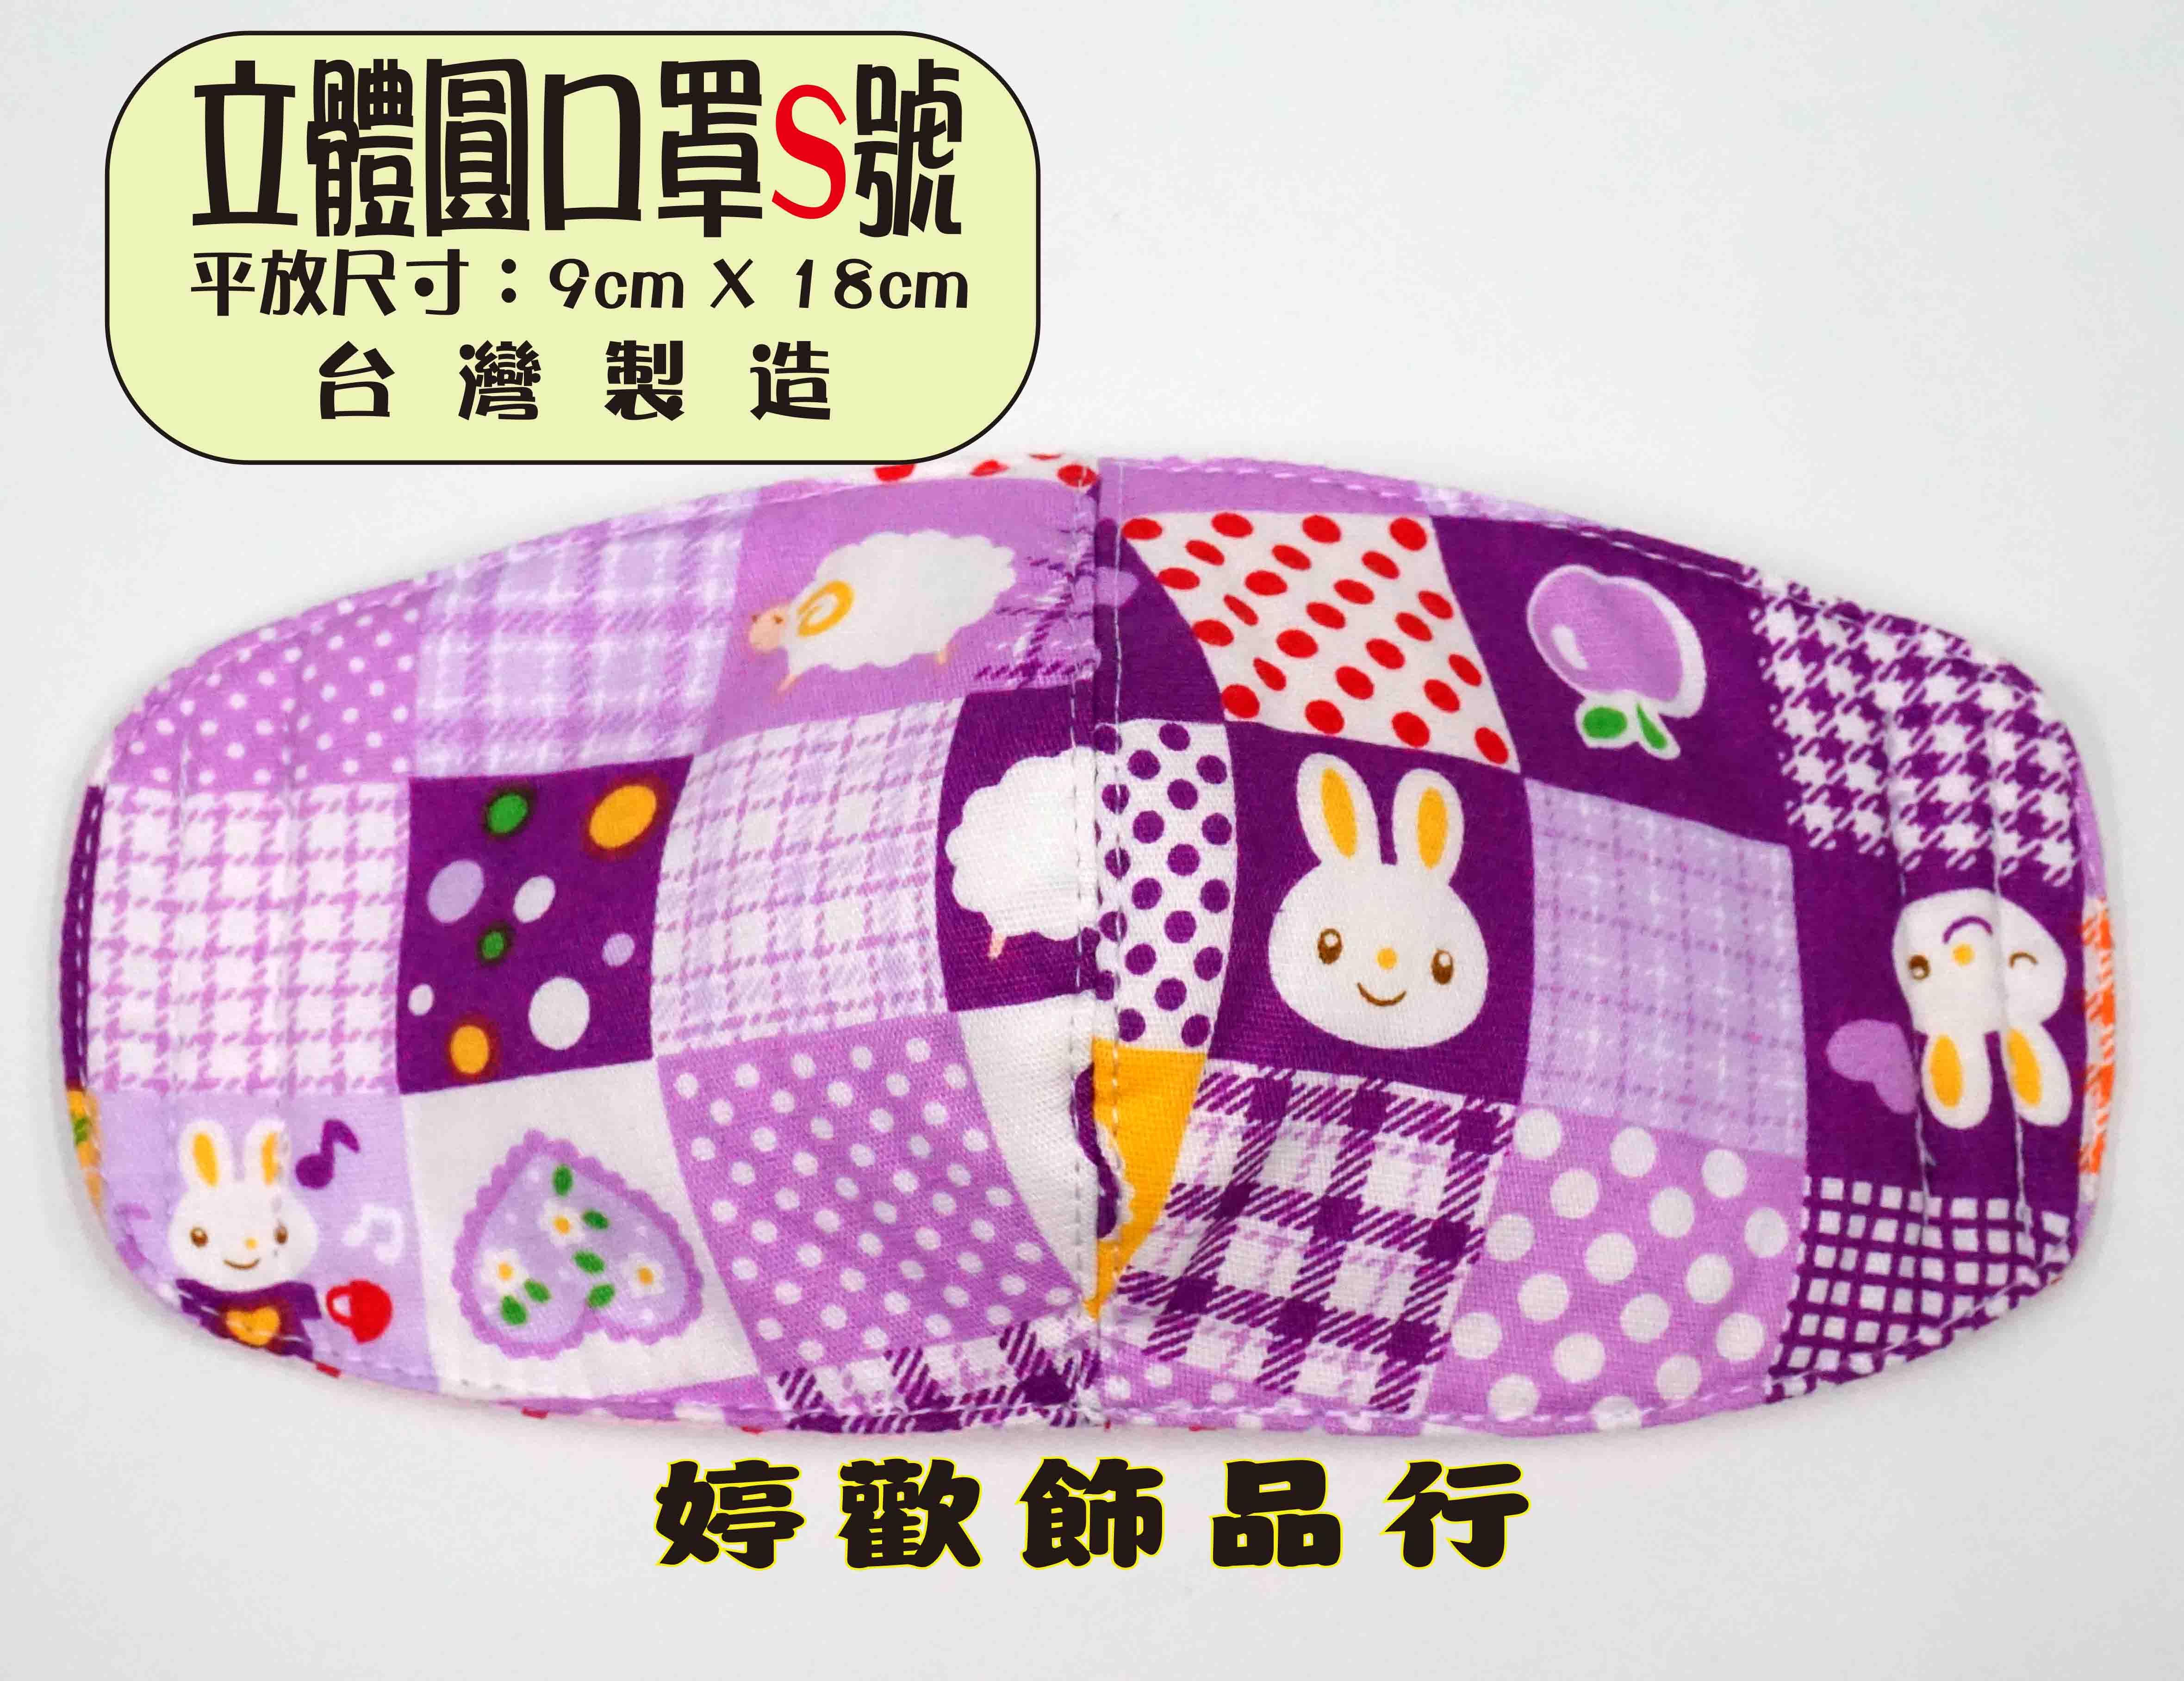 幼童專用/純棉花布立體圓口罩/兒童口罩/拼布兔兔